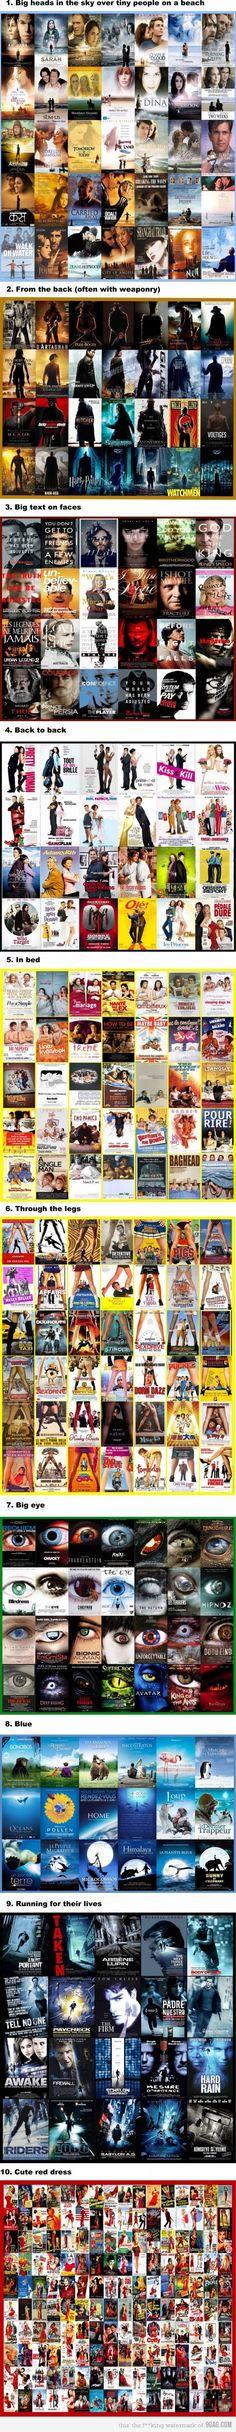 Comment designer sans effort une affiche de film.